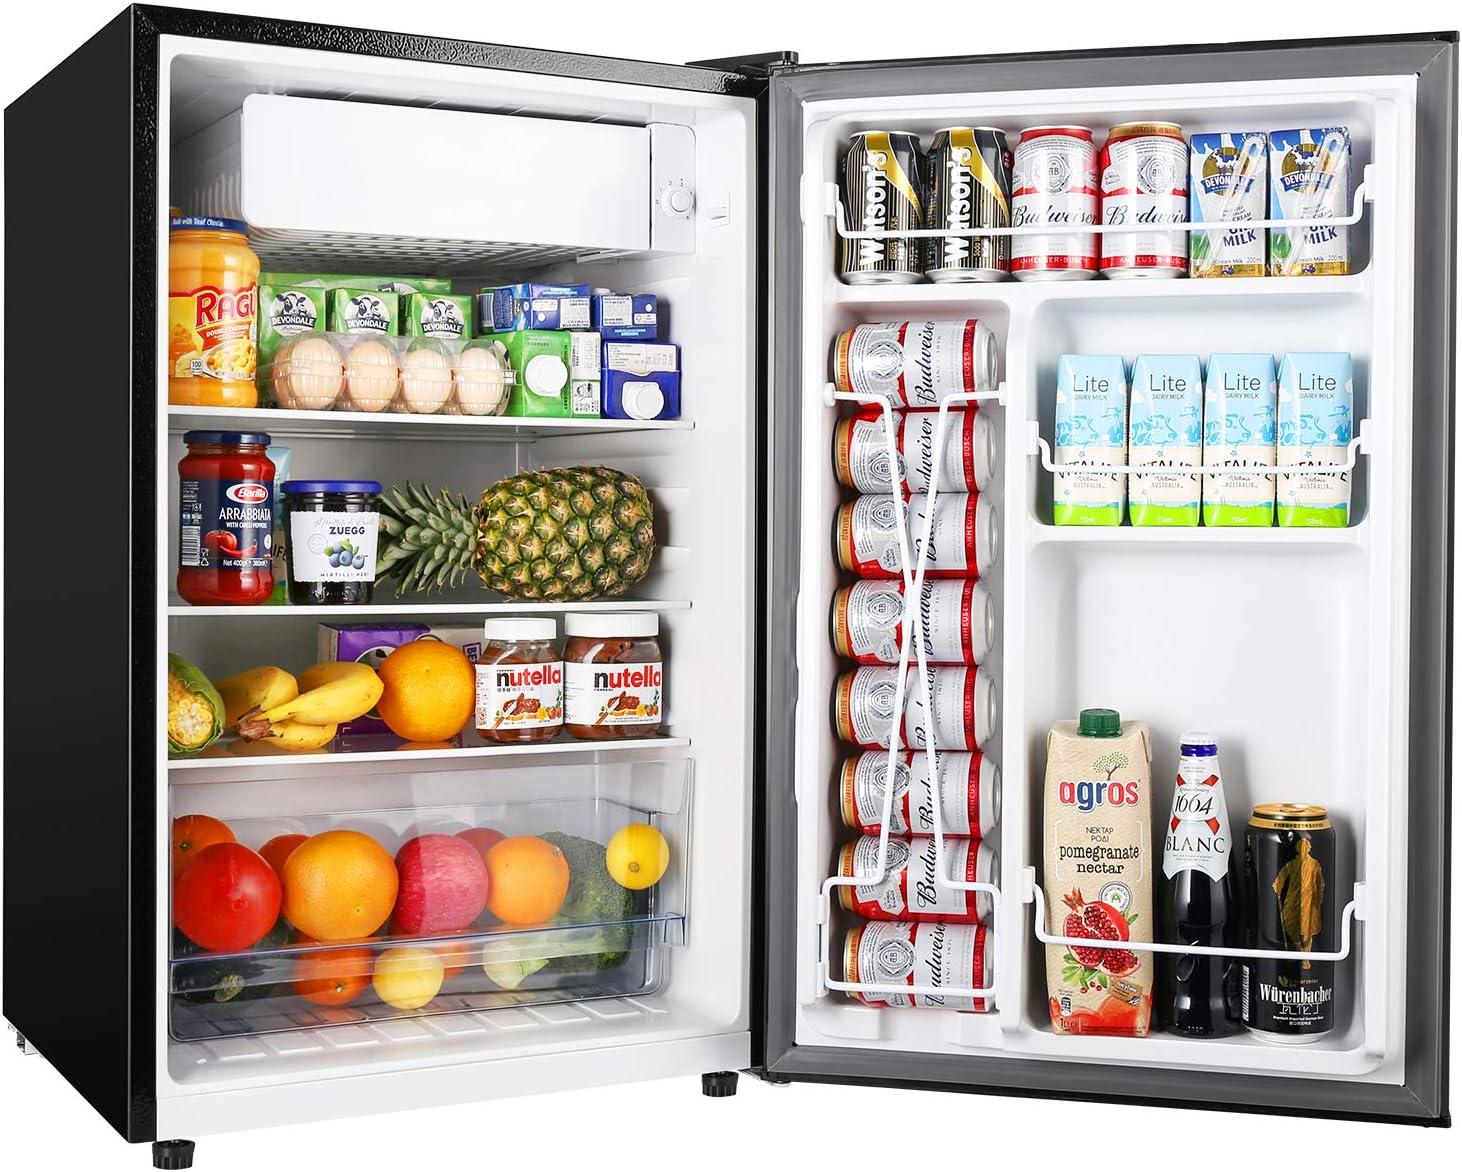 TECCPO Best Semi-Defrosting Compact Refrigerator.